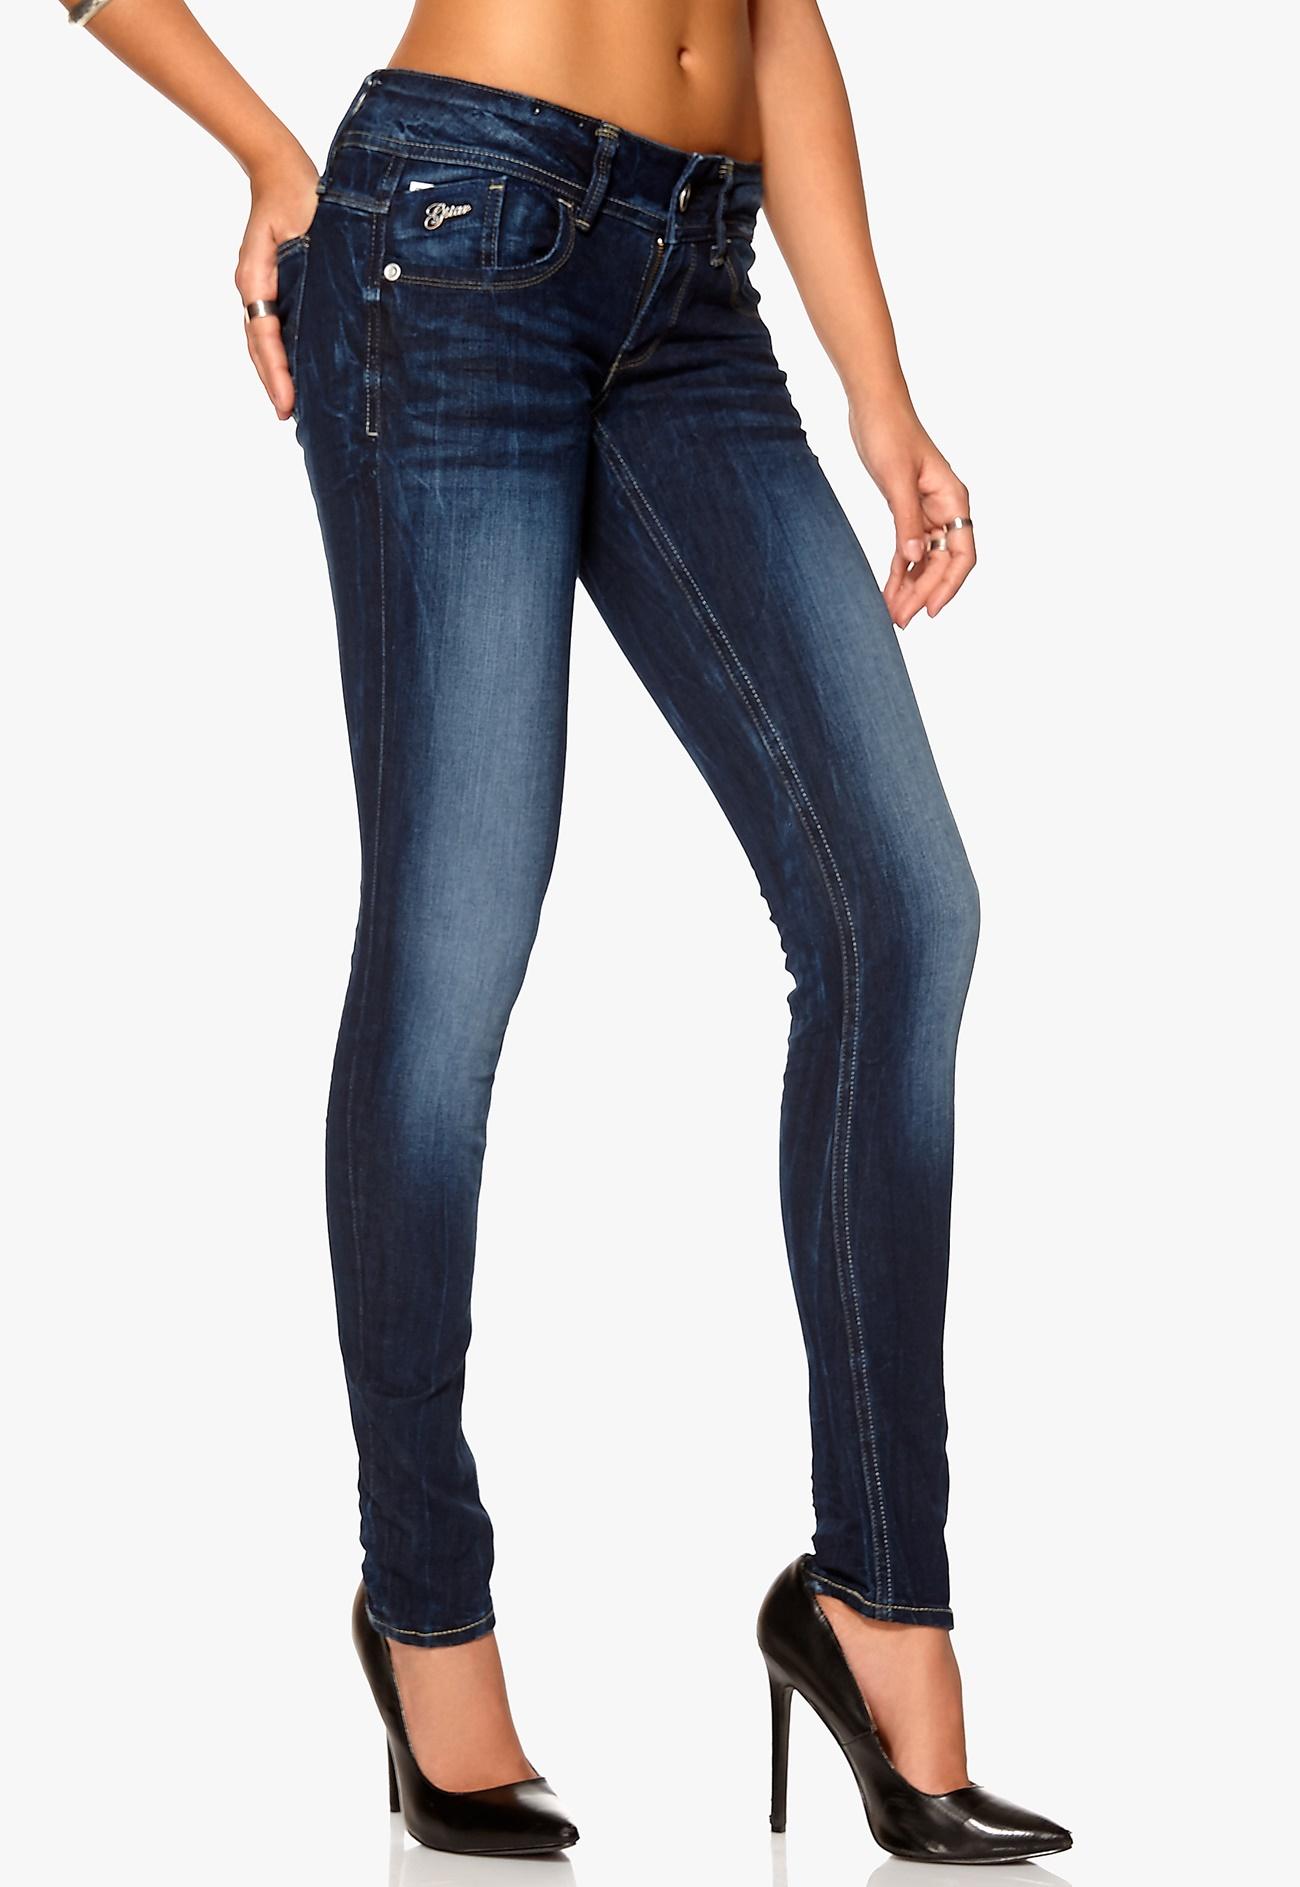 g star lynn skinny jeans 89 dk aged bubbleroom. Black Bedroom Furniture Sets. Home Design Ideas